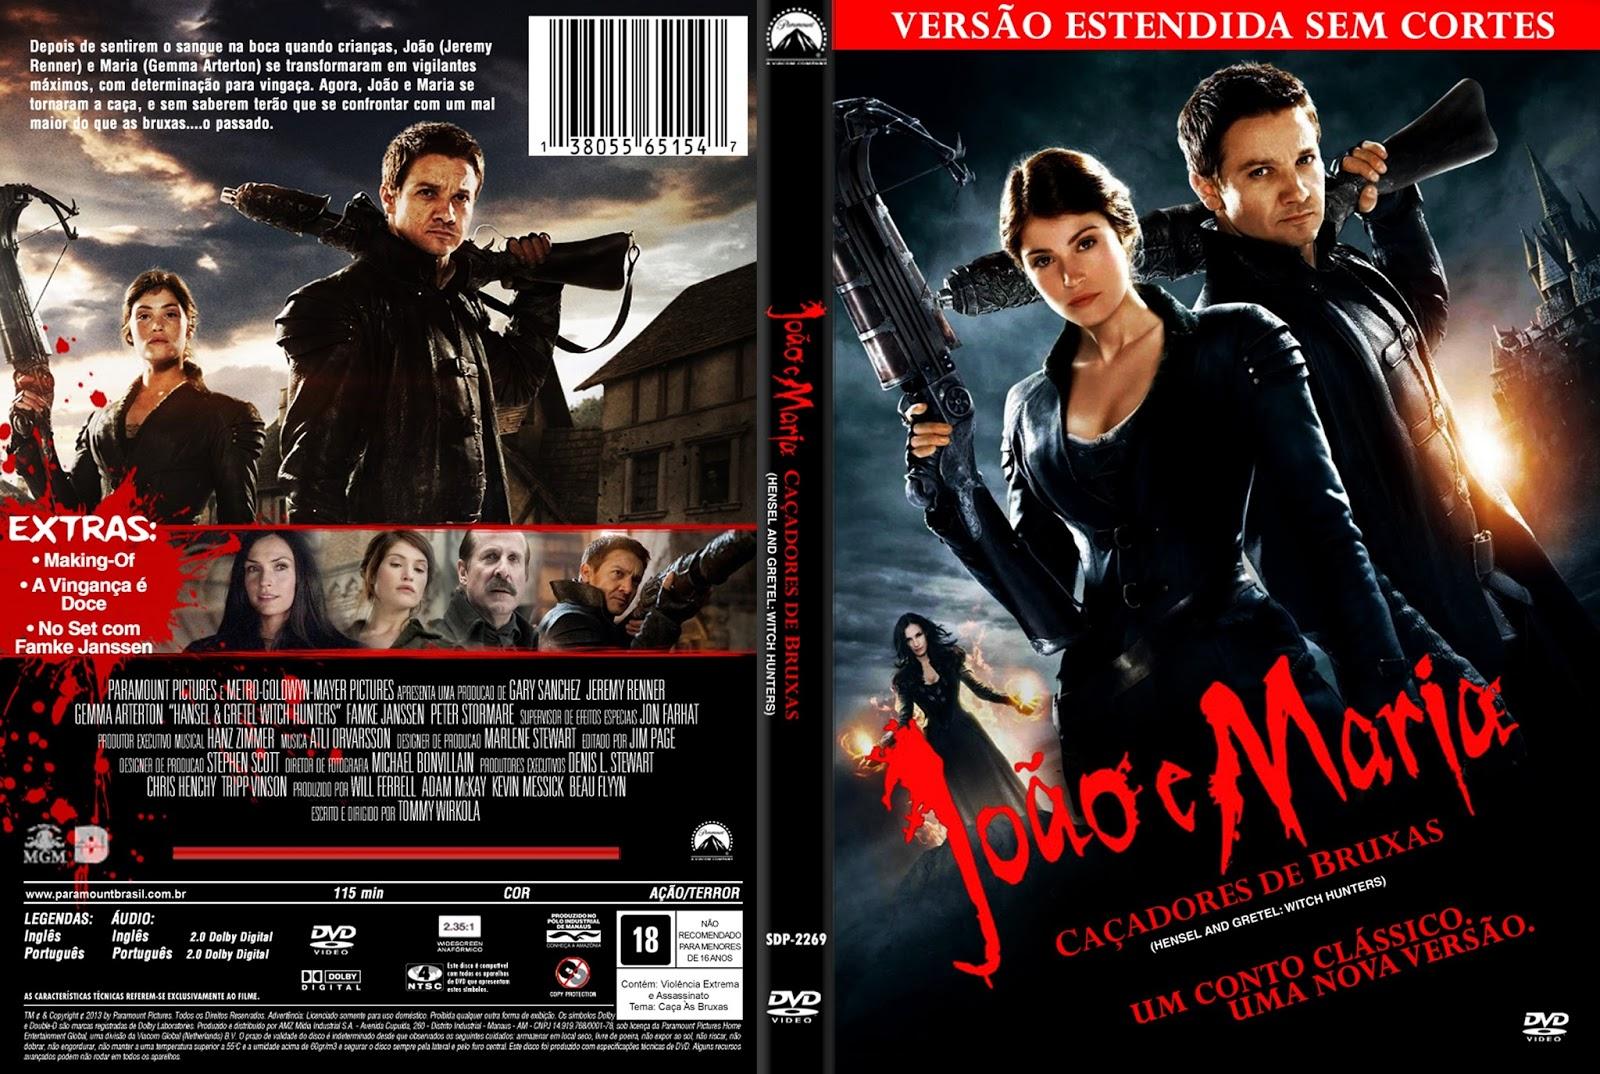 João e Maria: Caçadores de Bruxas Versão Estendida BluRay 720p Dual Áudio gallery 43617 2 299626